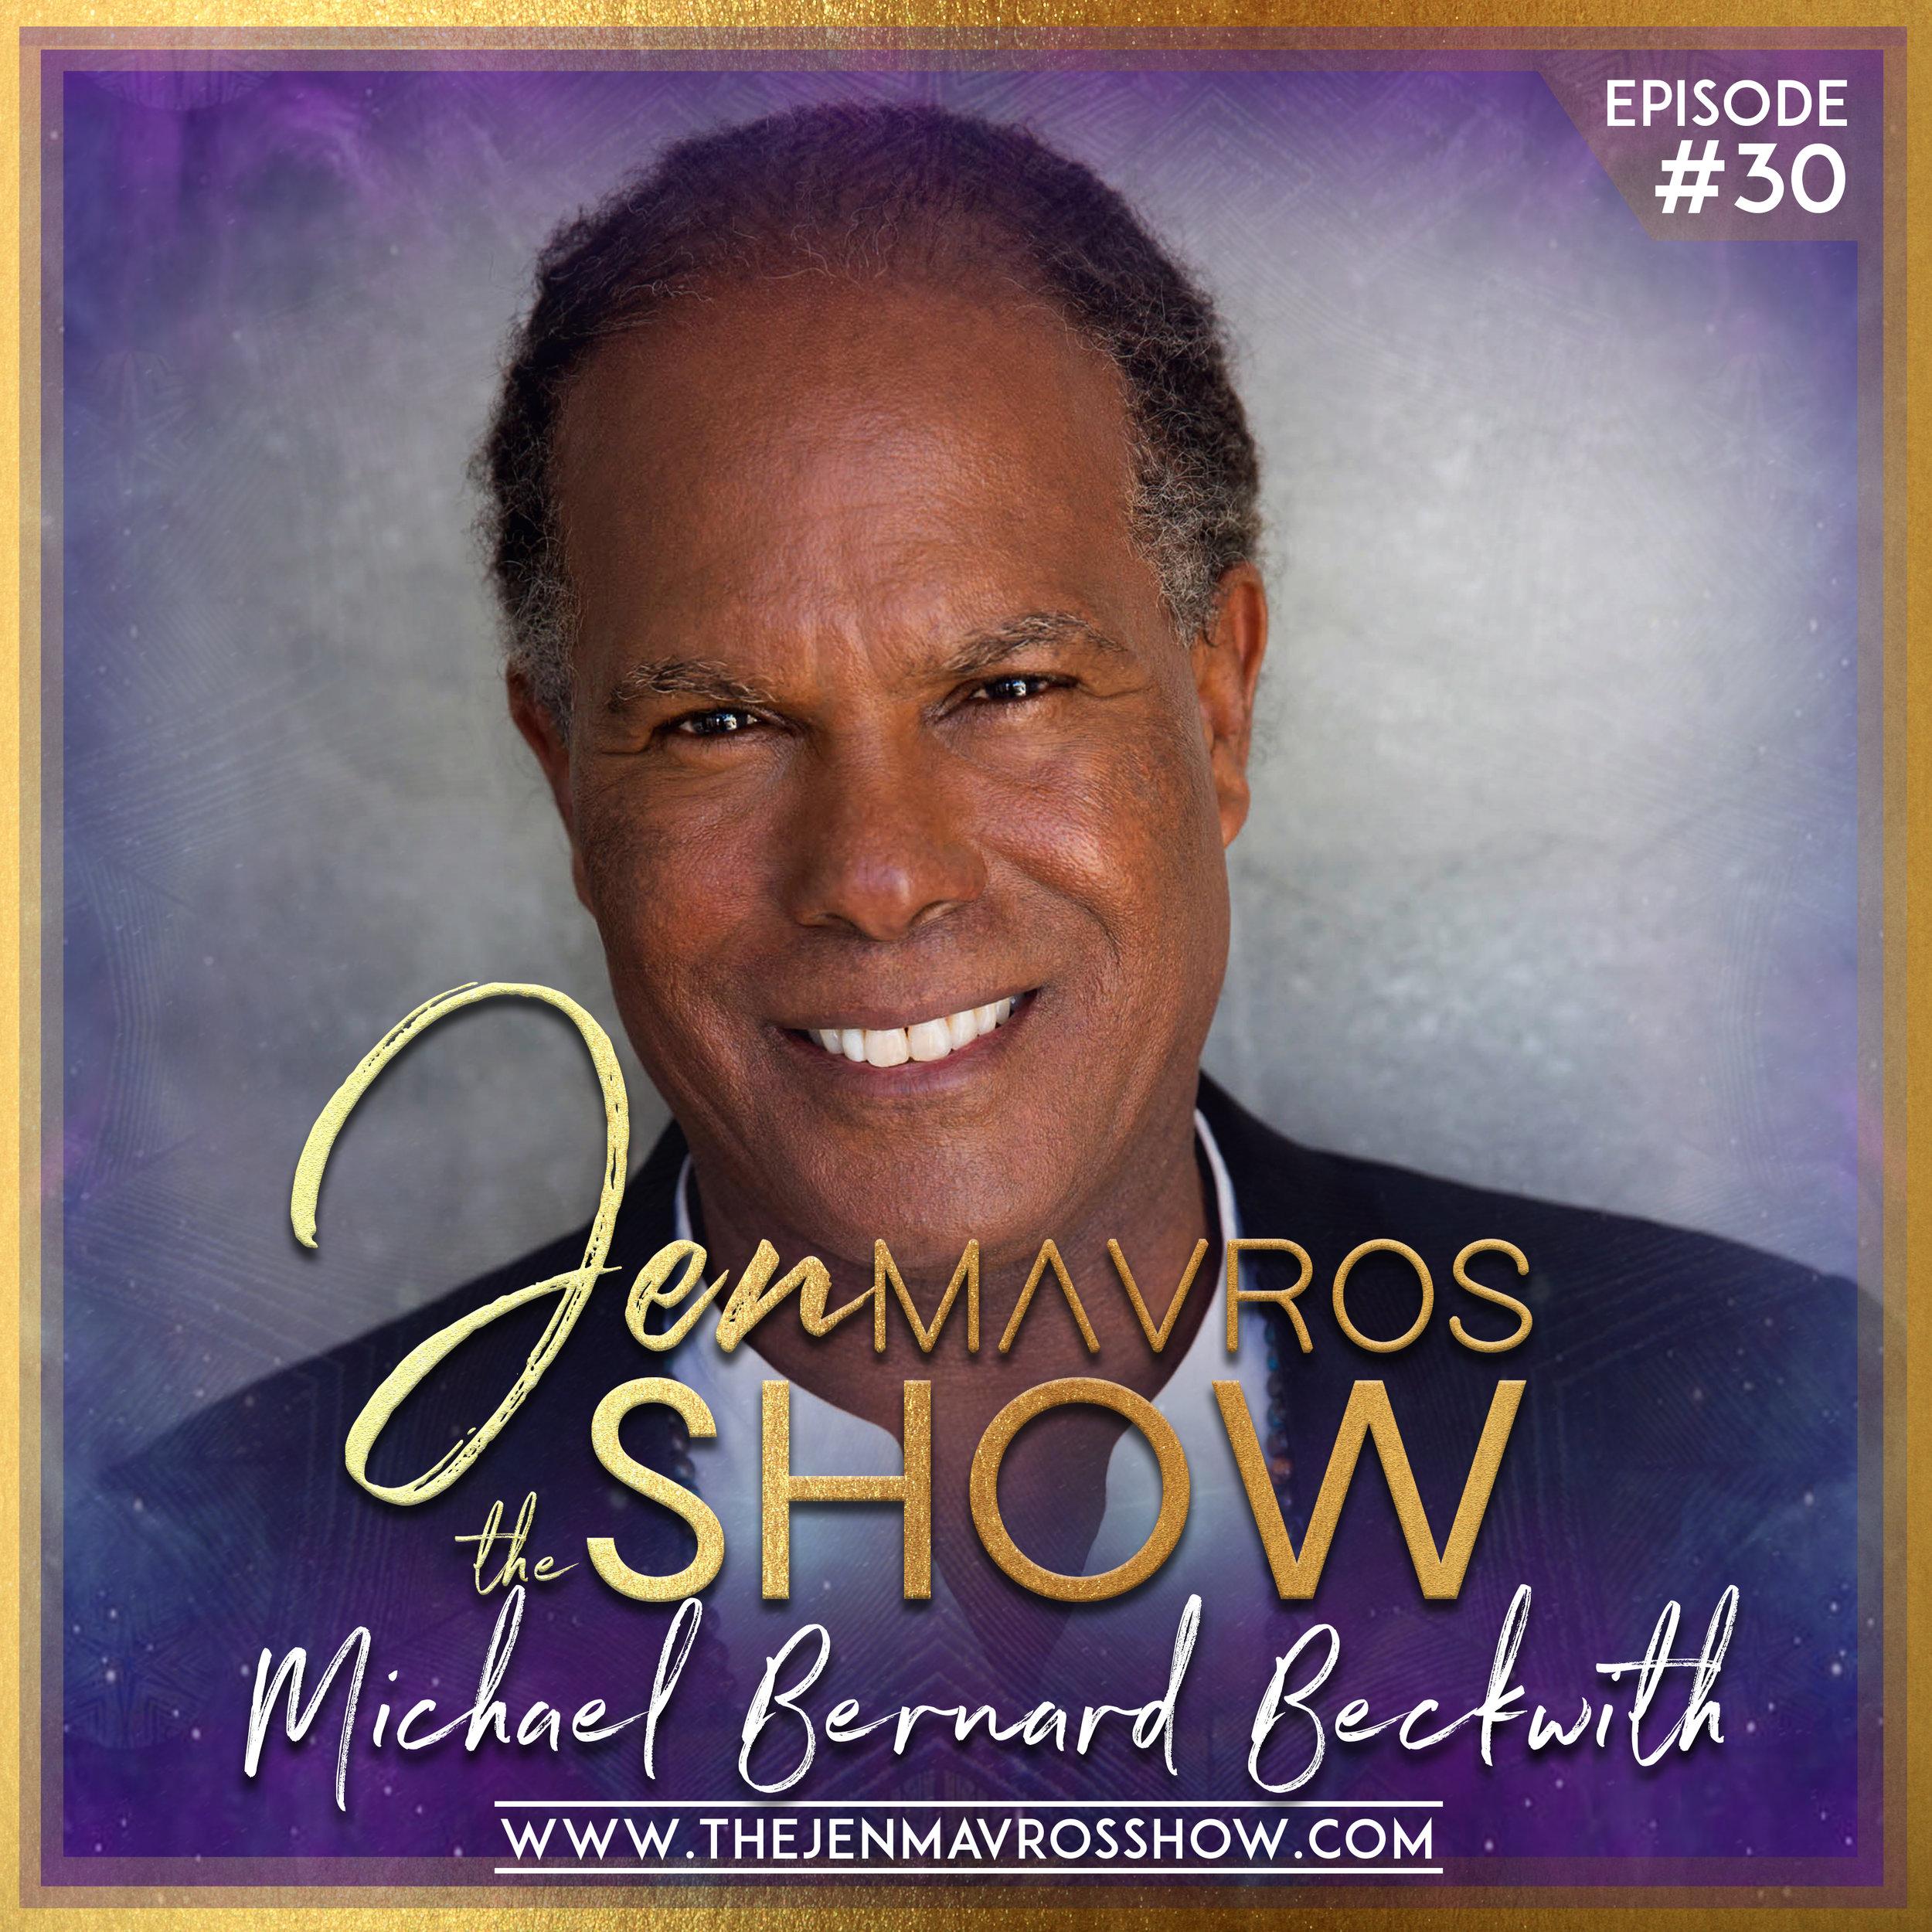 Michael Bernard Beckwith - Life Visioning